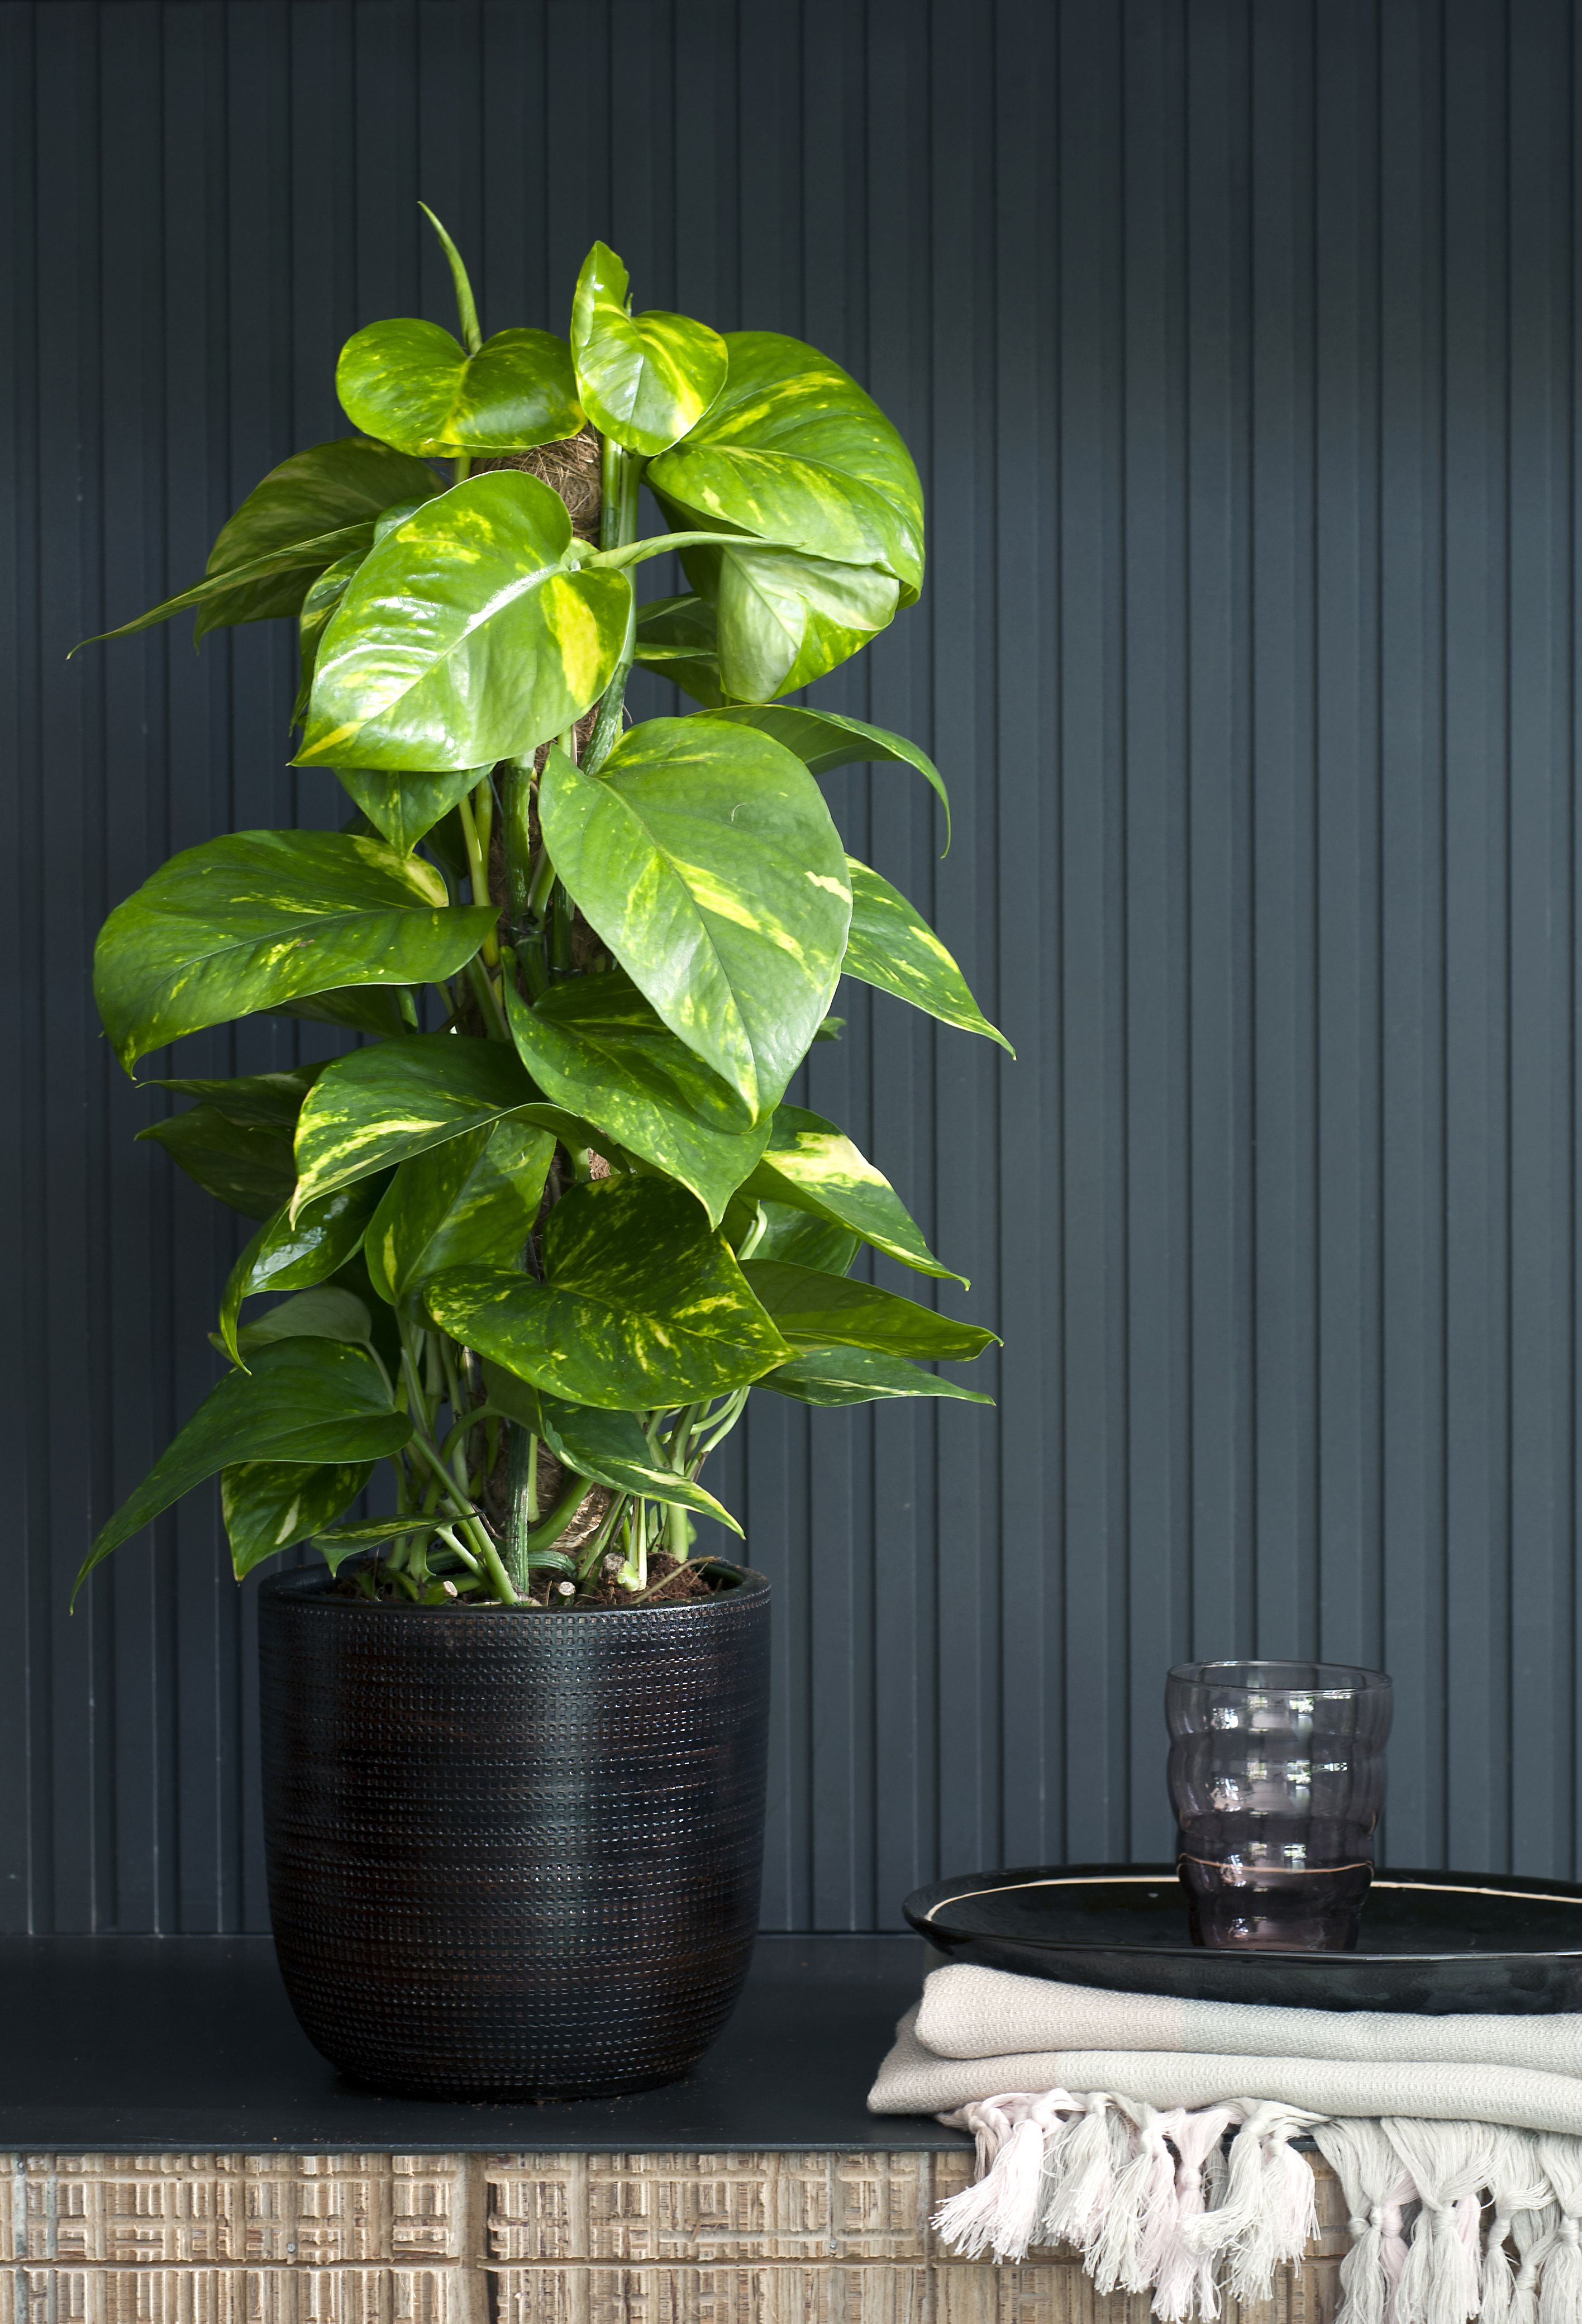 De zimmerpflanzen zimmerpflanzen efeutute und for Zimmerpflanzen wohnzimmer